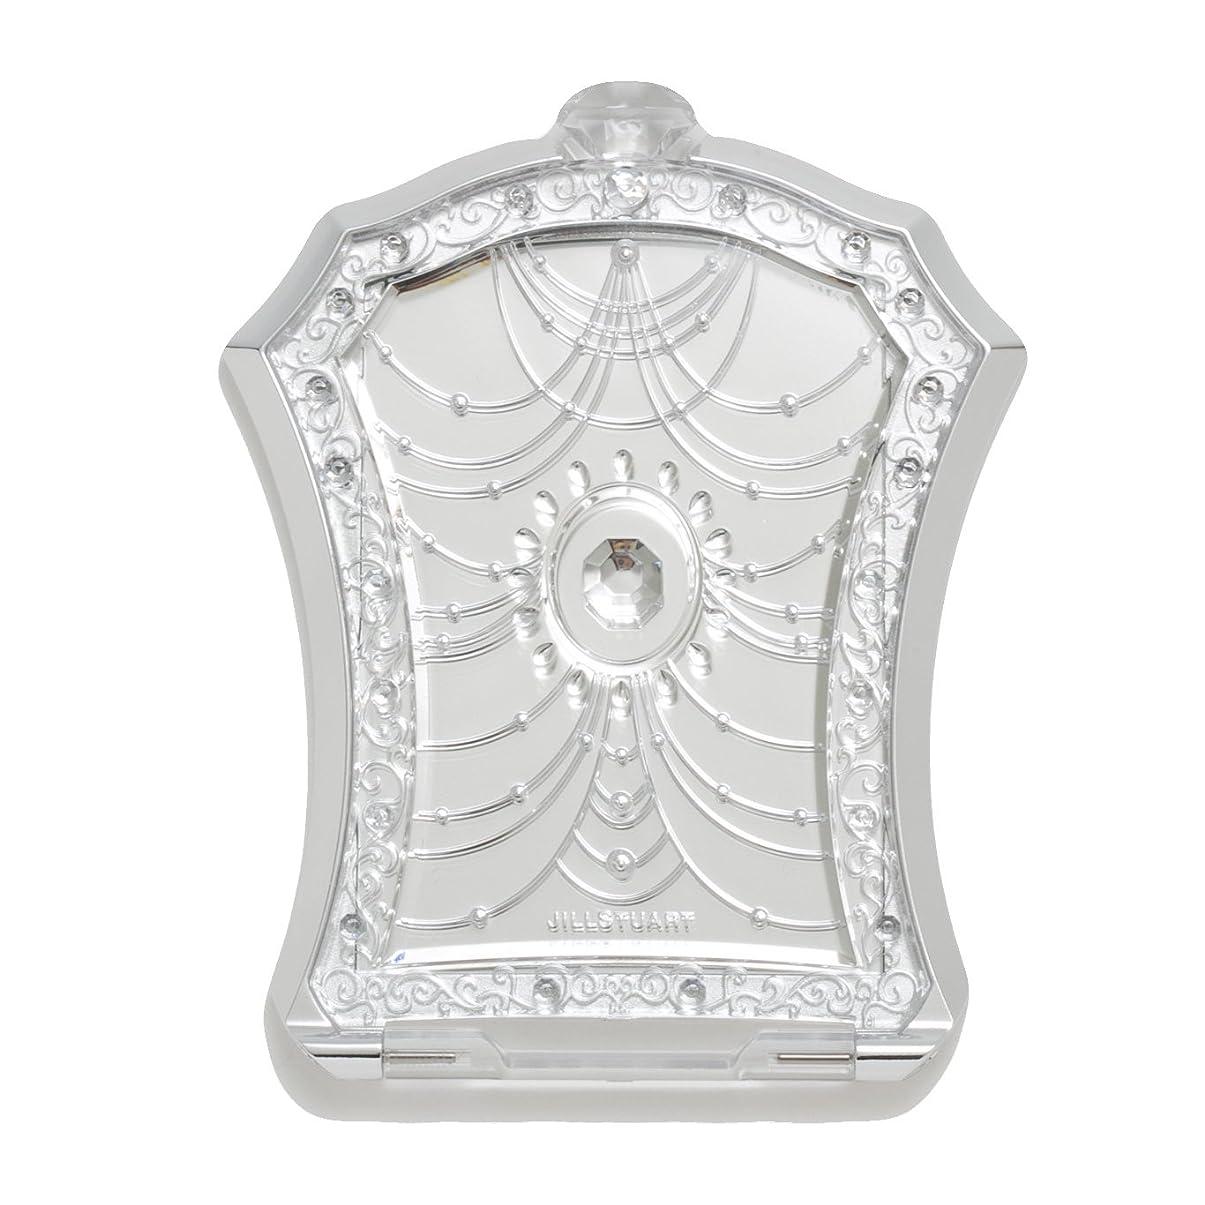 覆すうねるサンダー【名入れ対応可】ジルスチュアート JILL STUART ミラー 鏡 手鏡 Beauty Compact Mirror スクエア 四角 コンパクト ミラー 20743